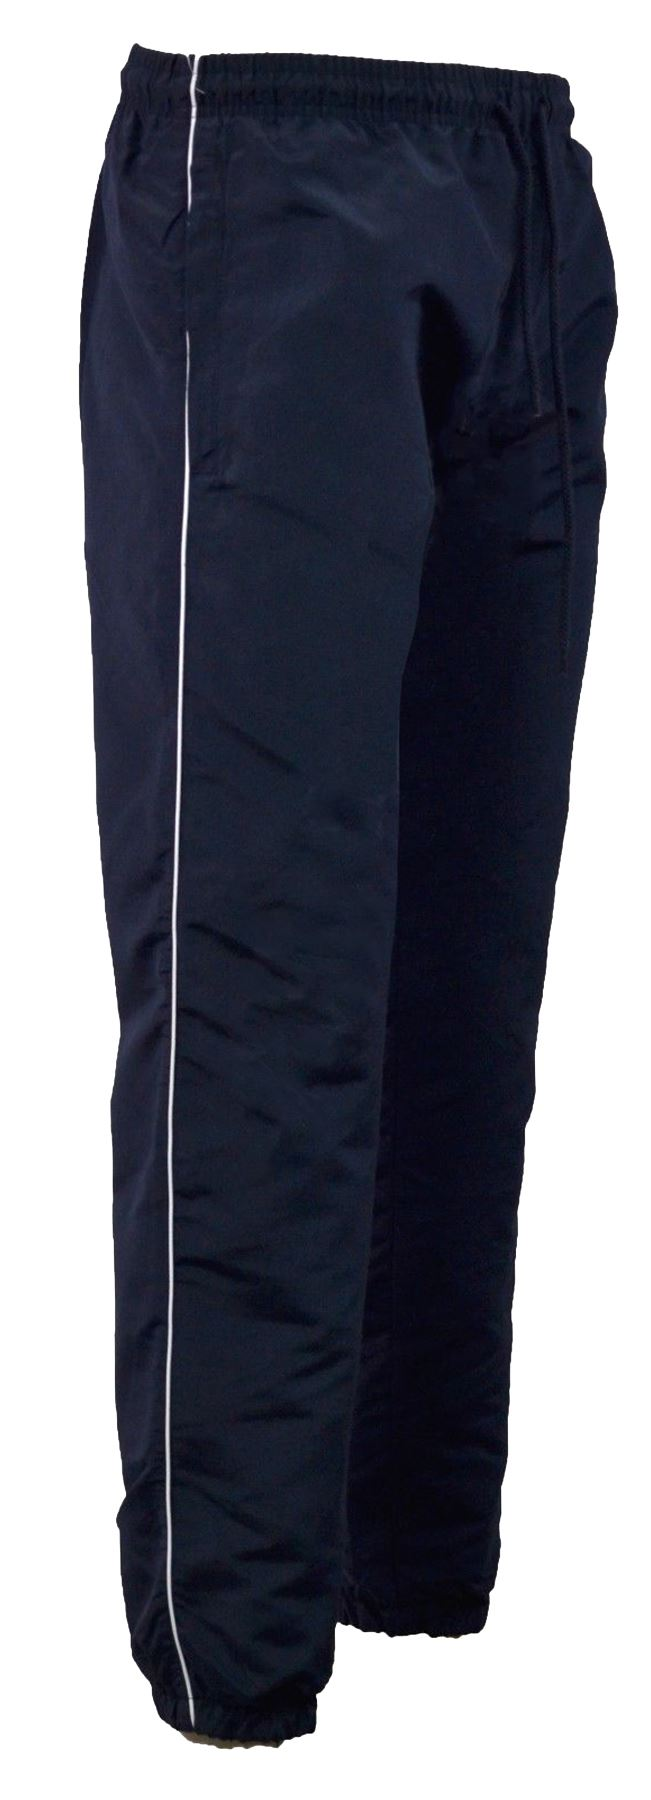 Homme Pantalon à rayures verticales Sport Gym Course Jogging Poches Zippées Jogging Bottoms